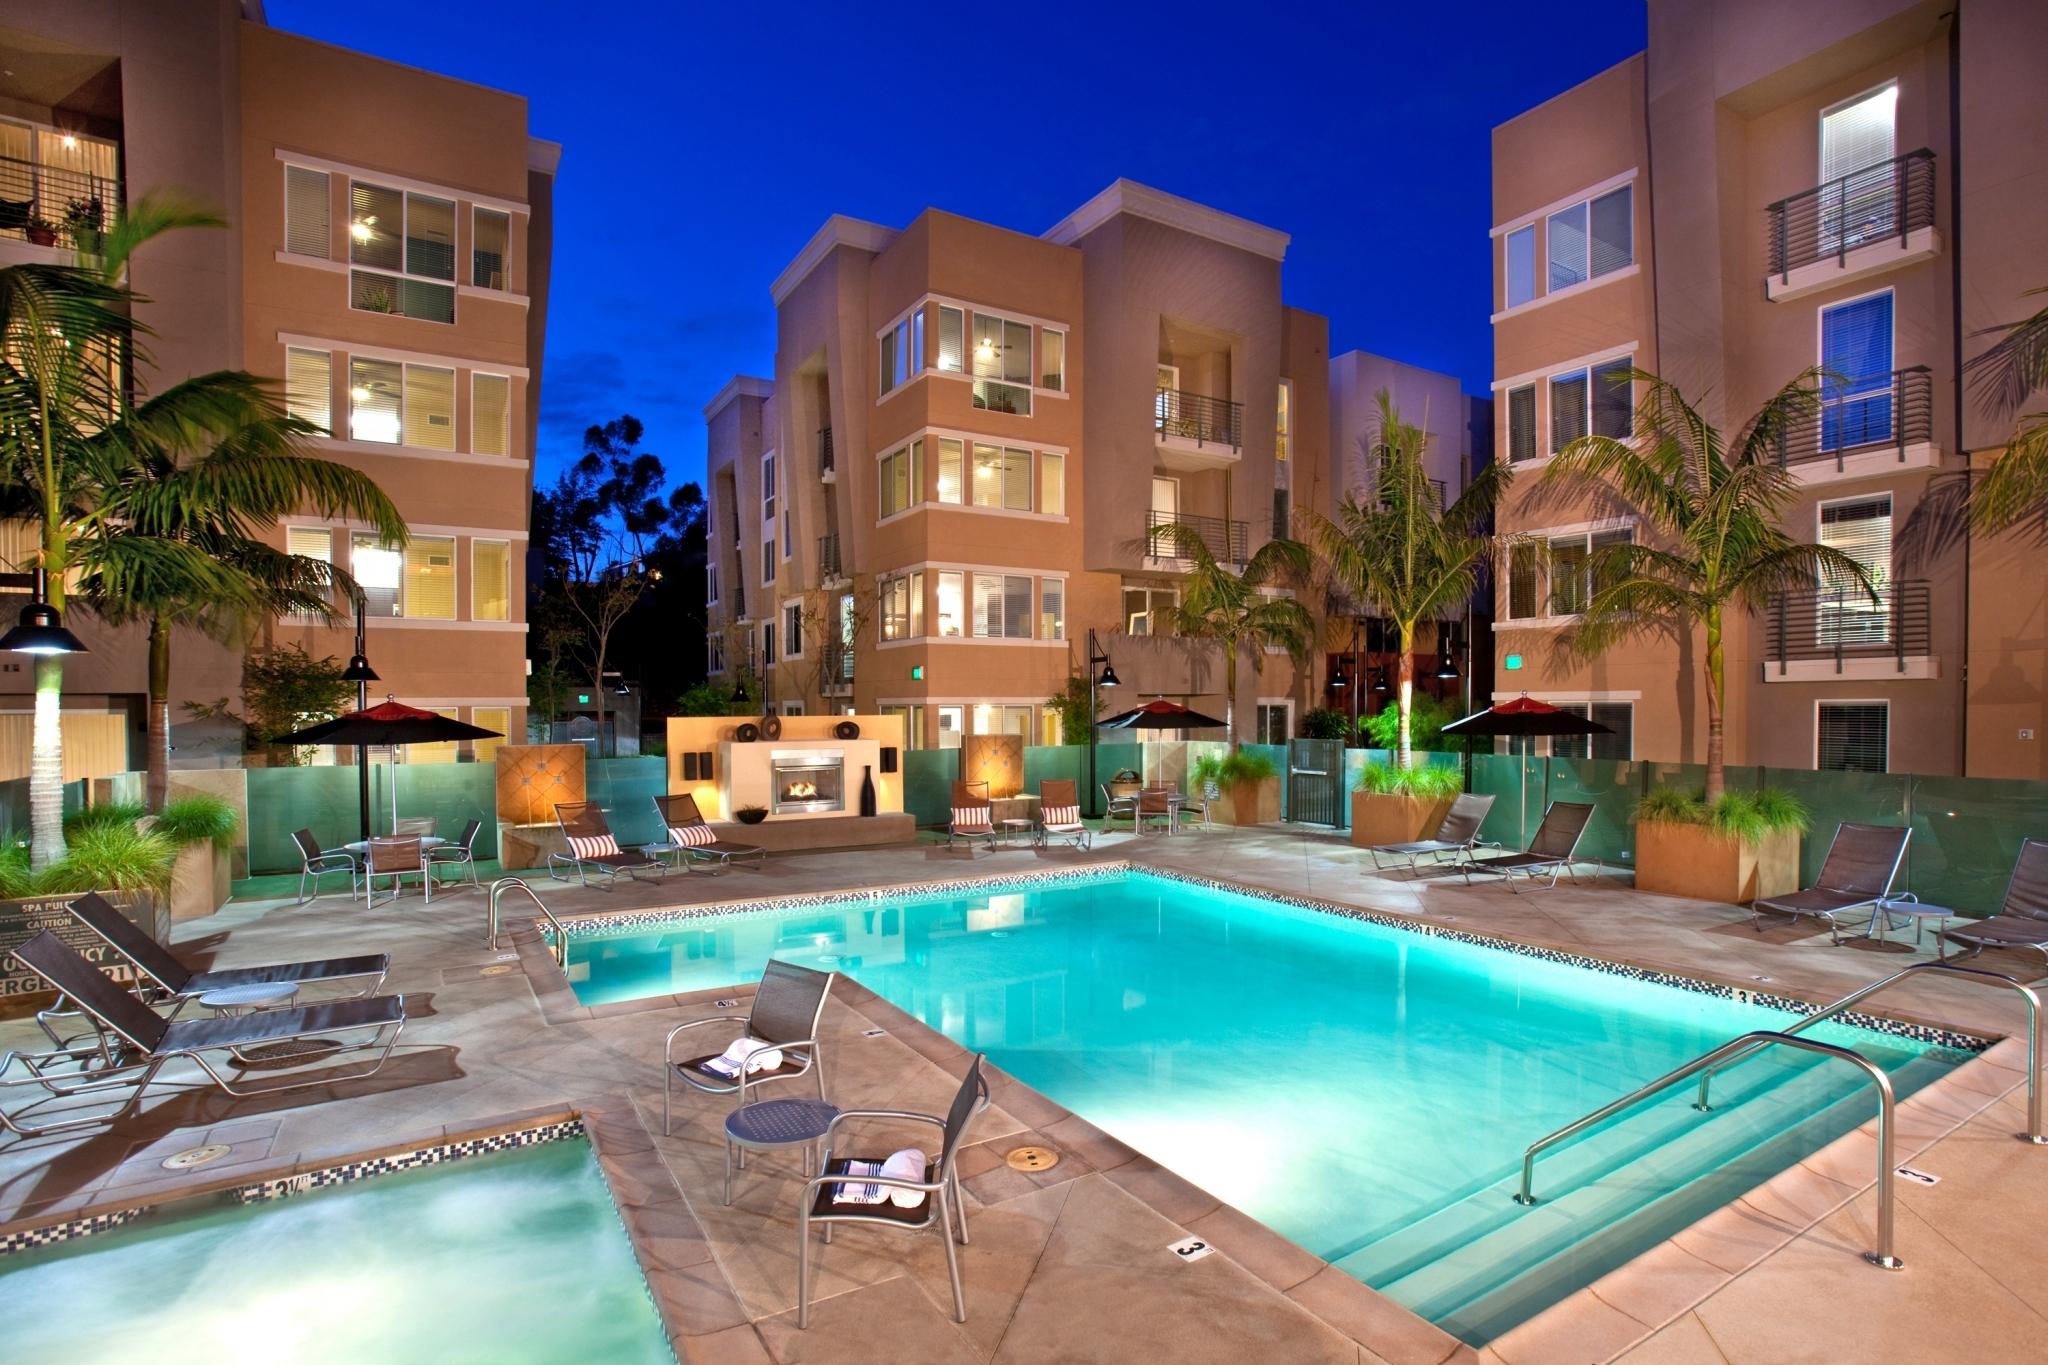 01 Fairfield Residential